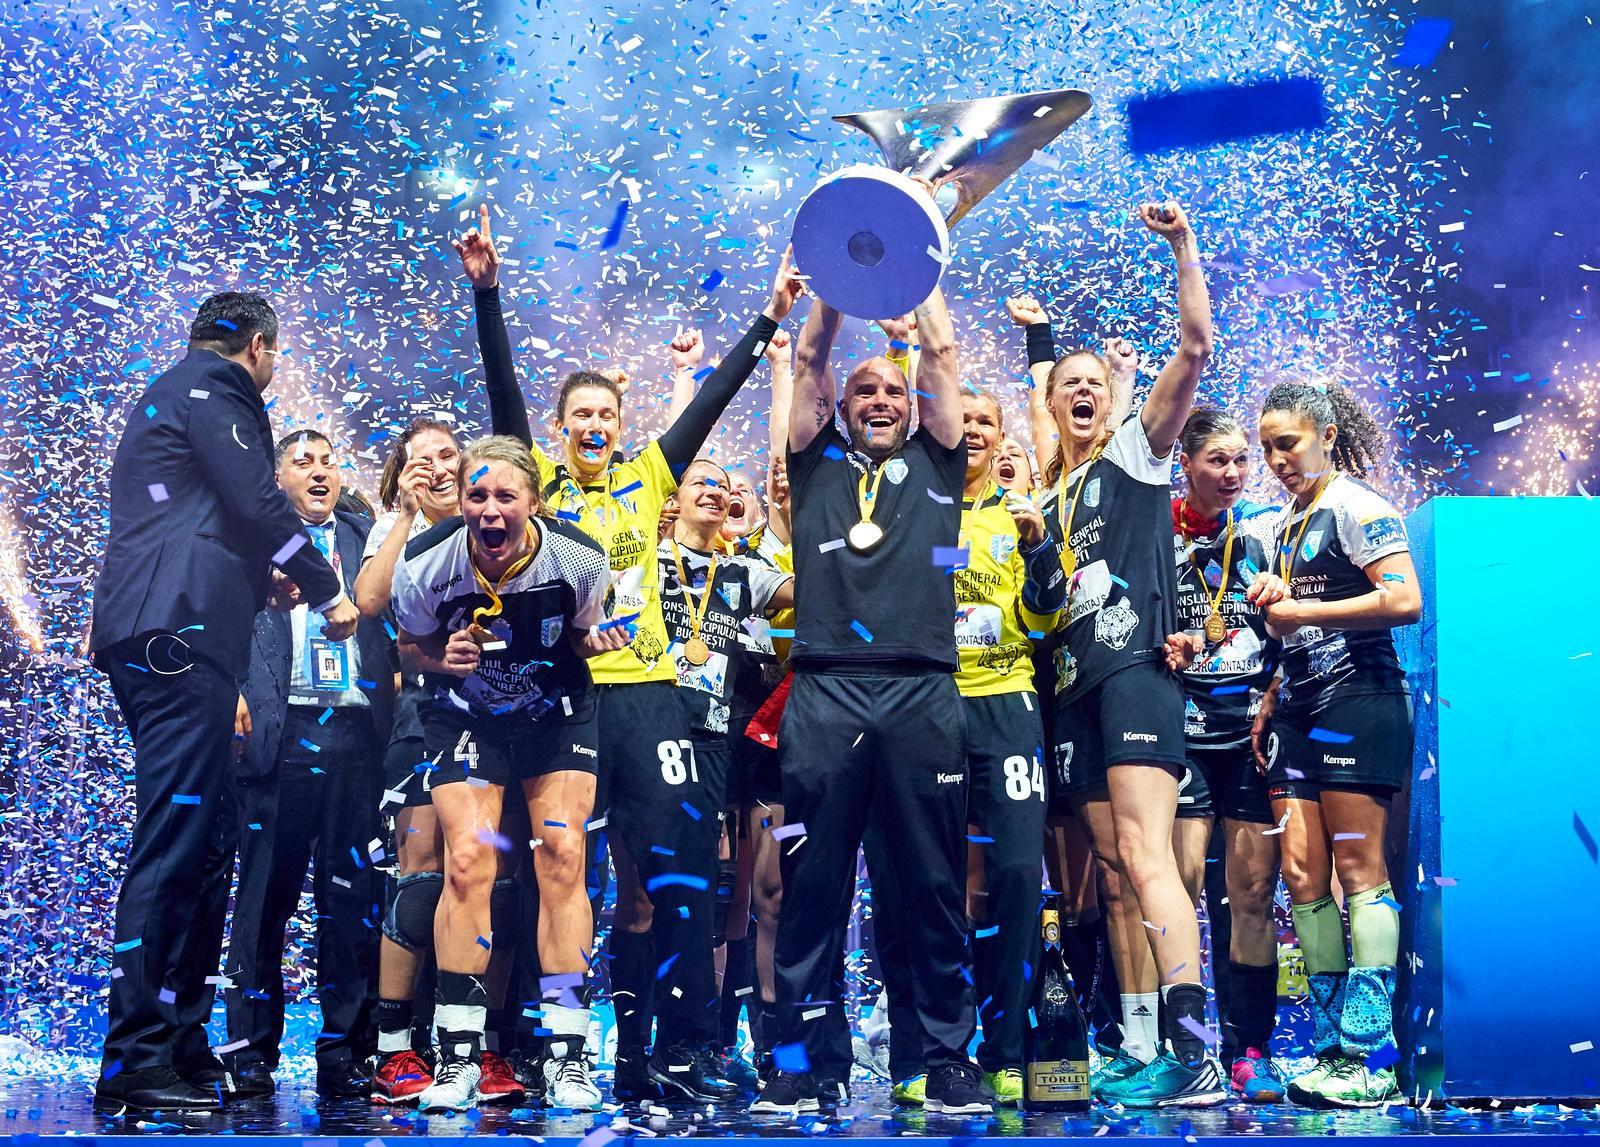 © 2016 EHF / Marcel Lämmerhirt